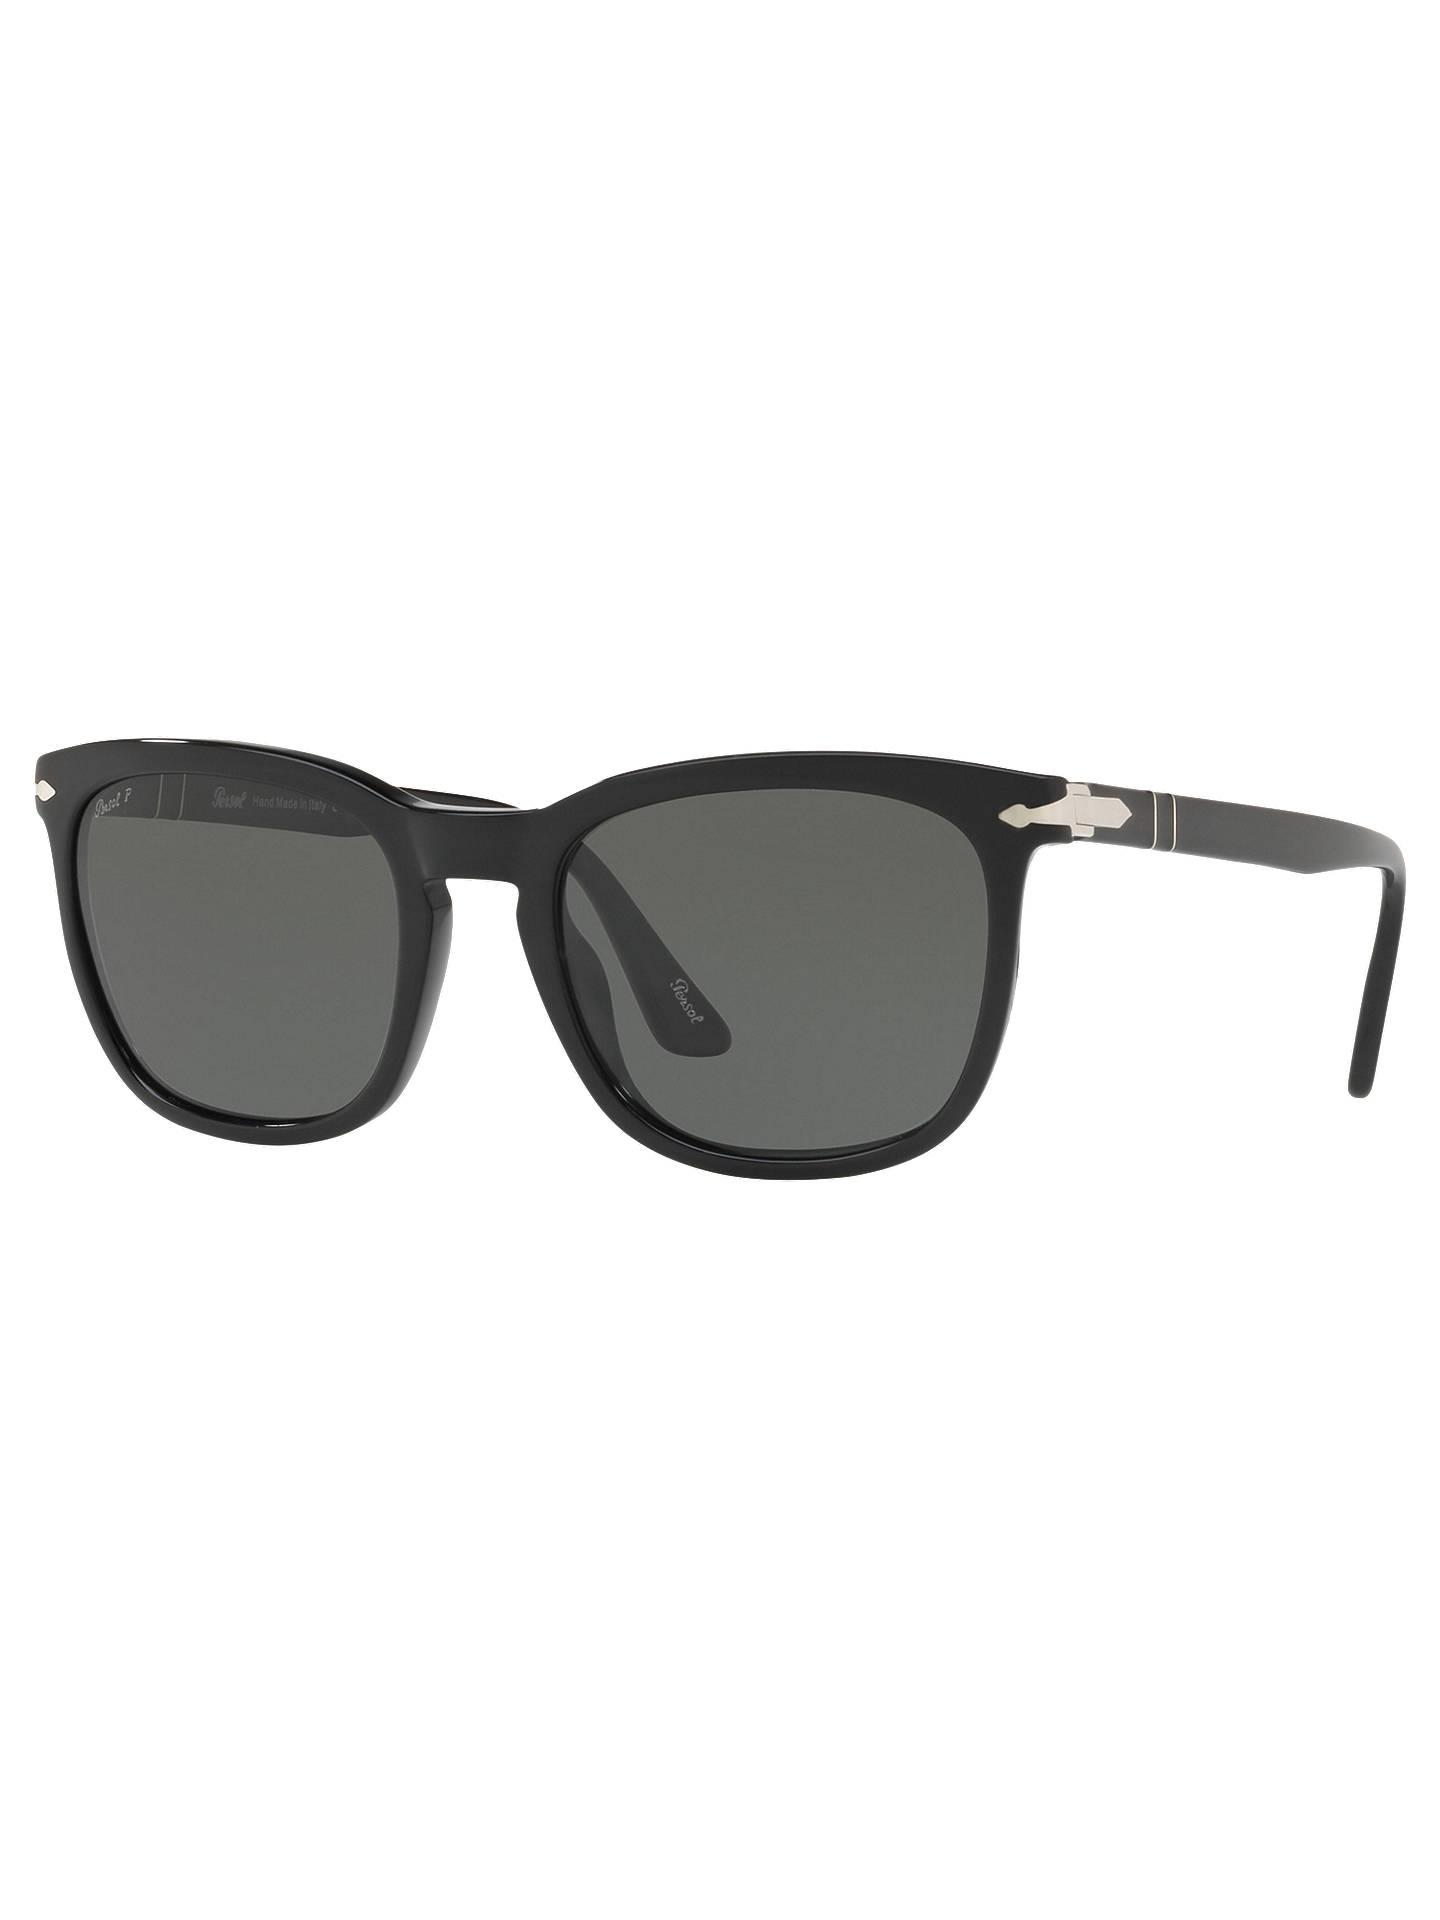 47de24dc72082 Persol PO3193S Men s D-Frame Sunglasses at John Lewis   Partners